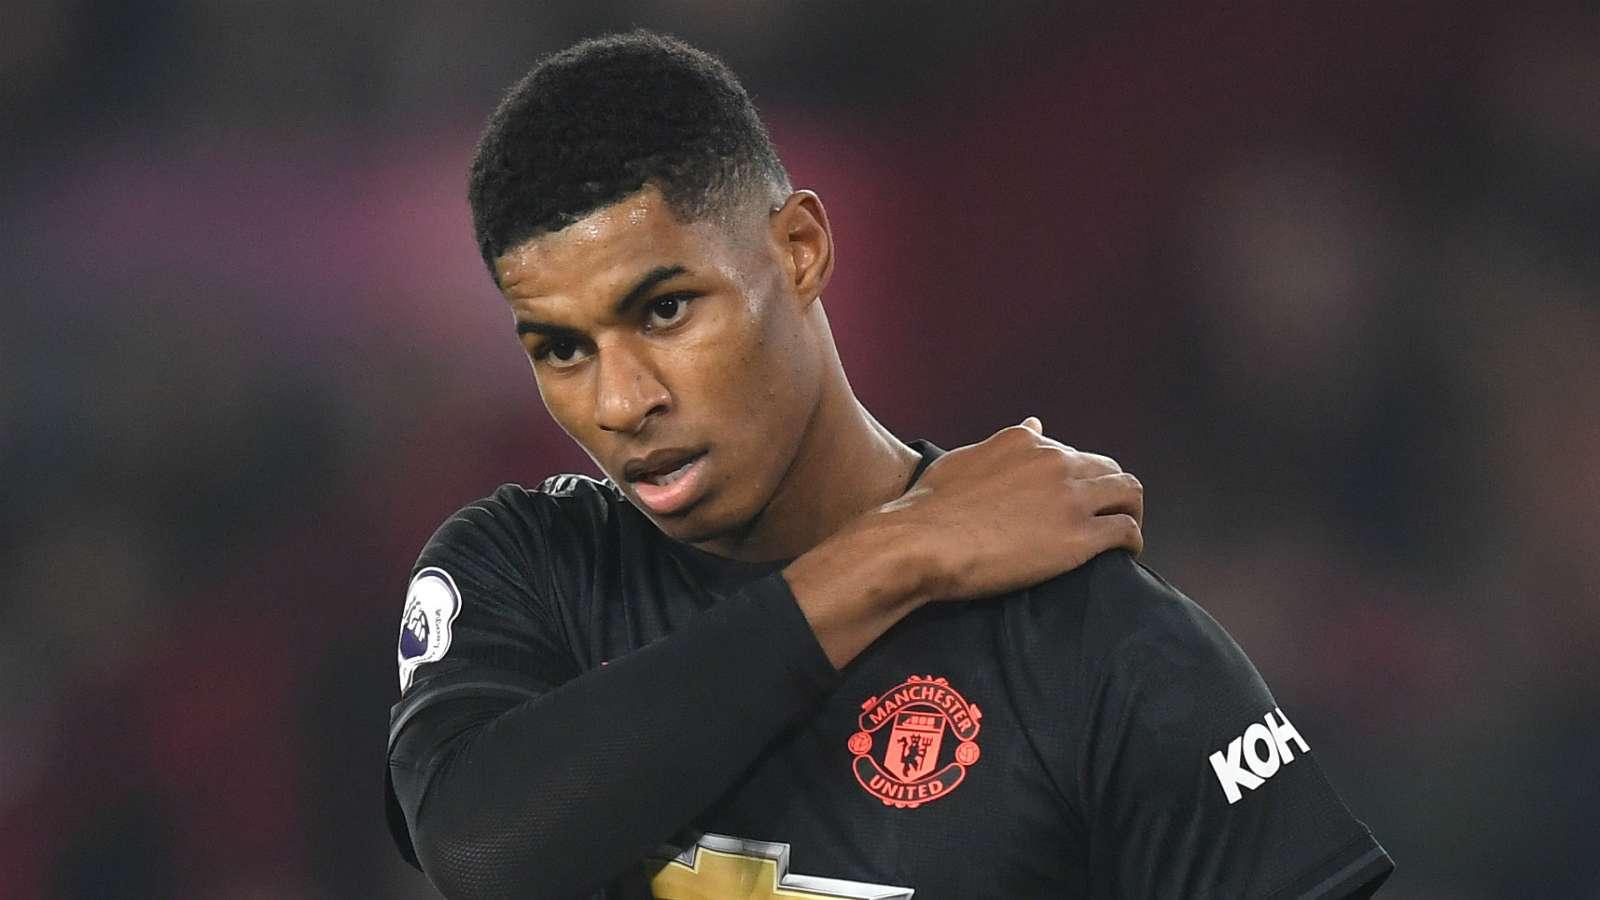 'Rashford is not enough' - Man Utd still need a 'top striker', says Blackmore - Bóng Đá